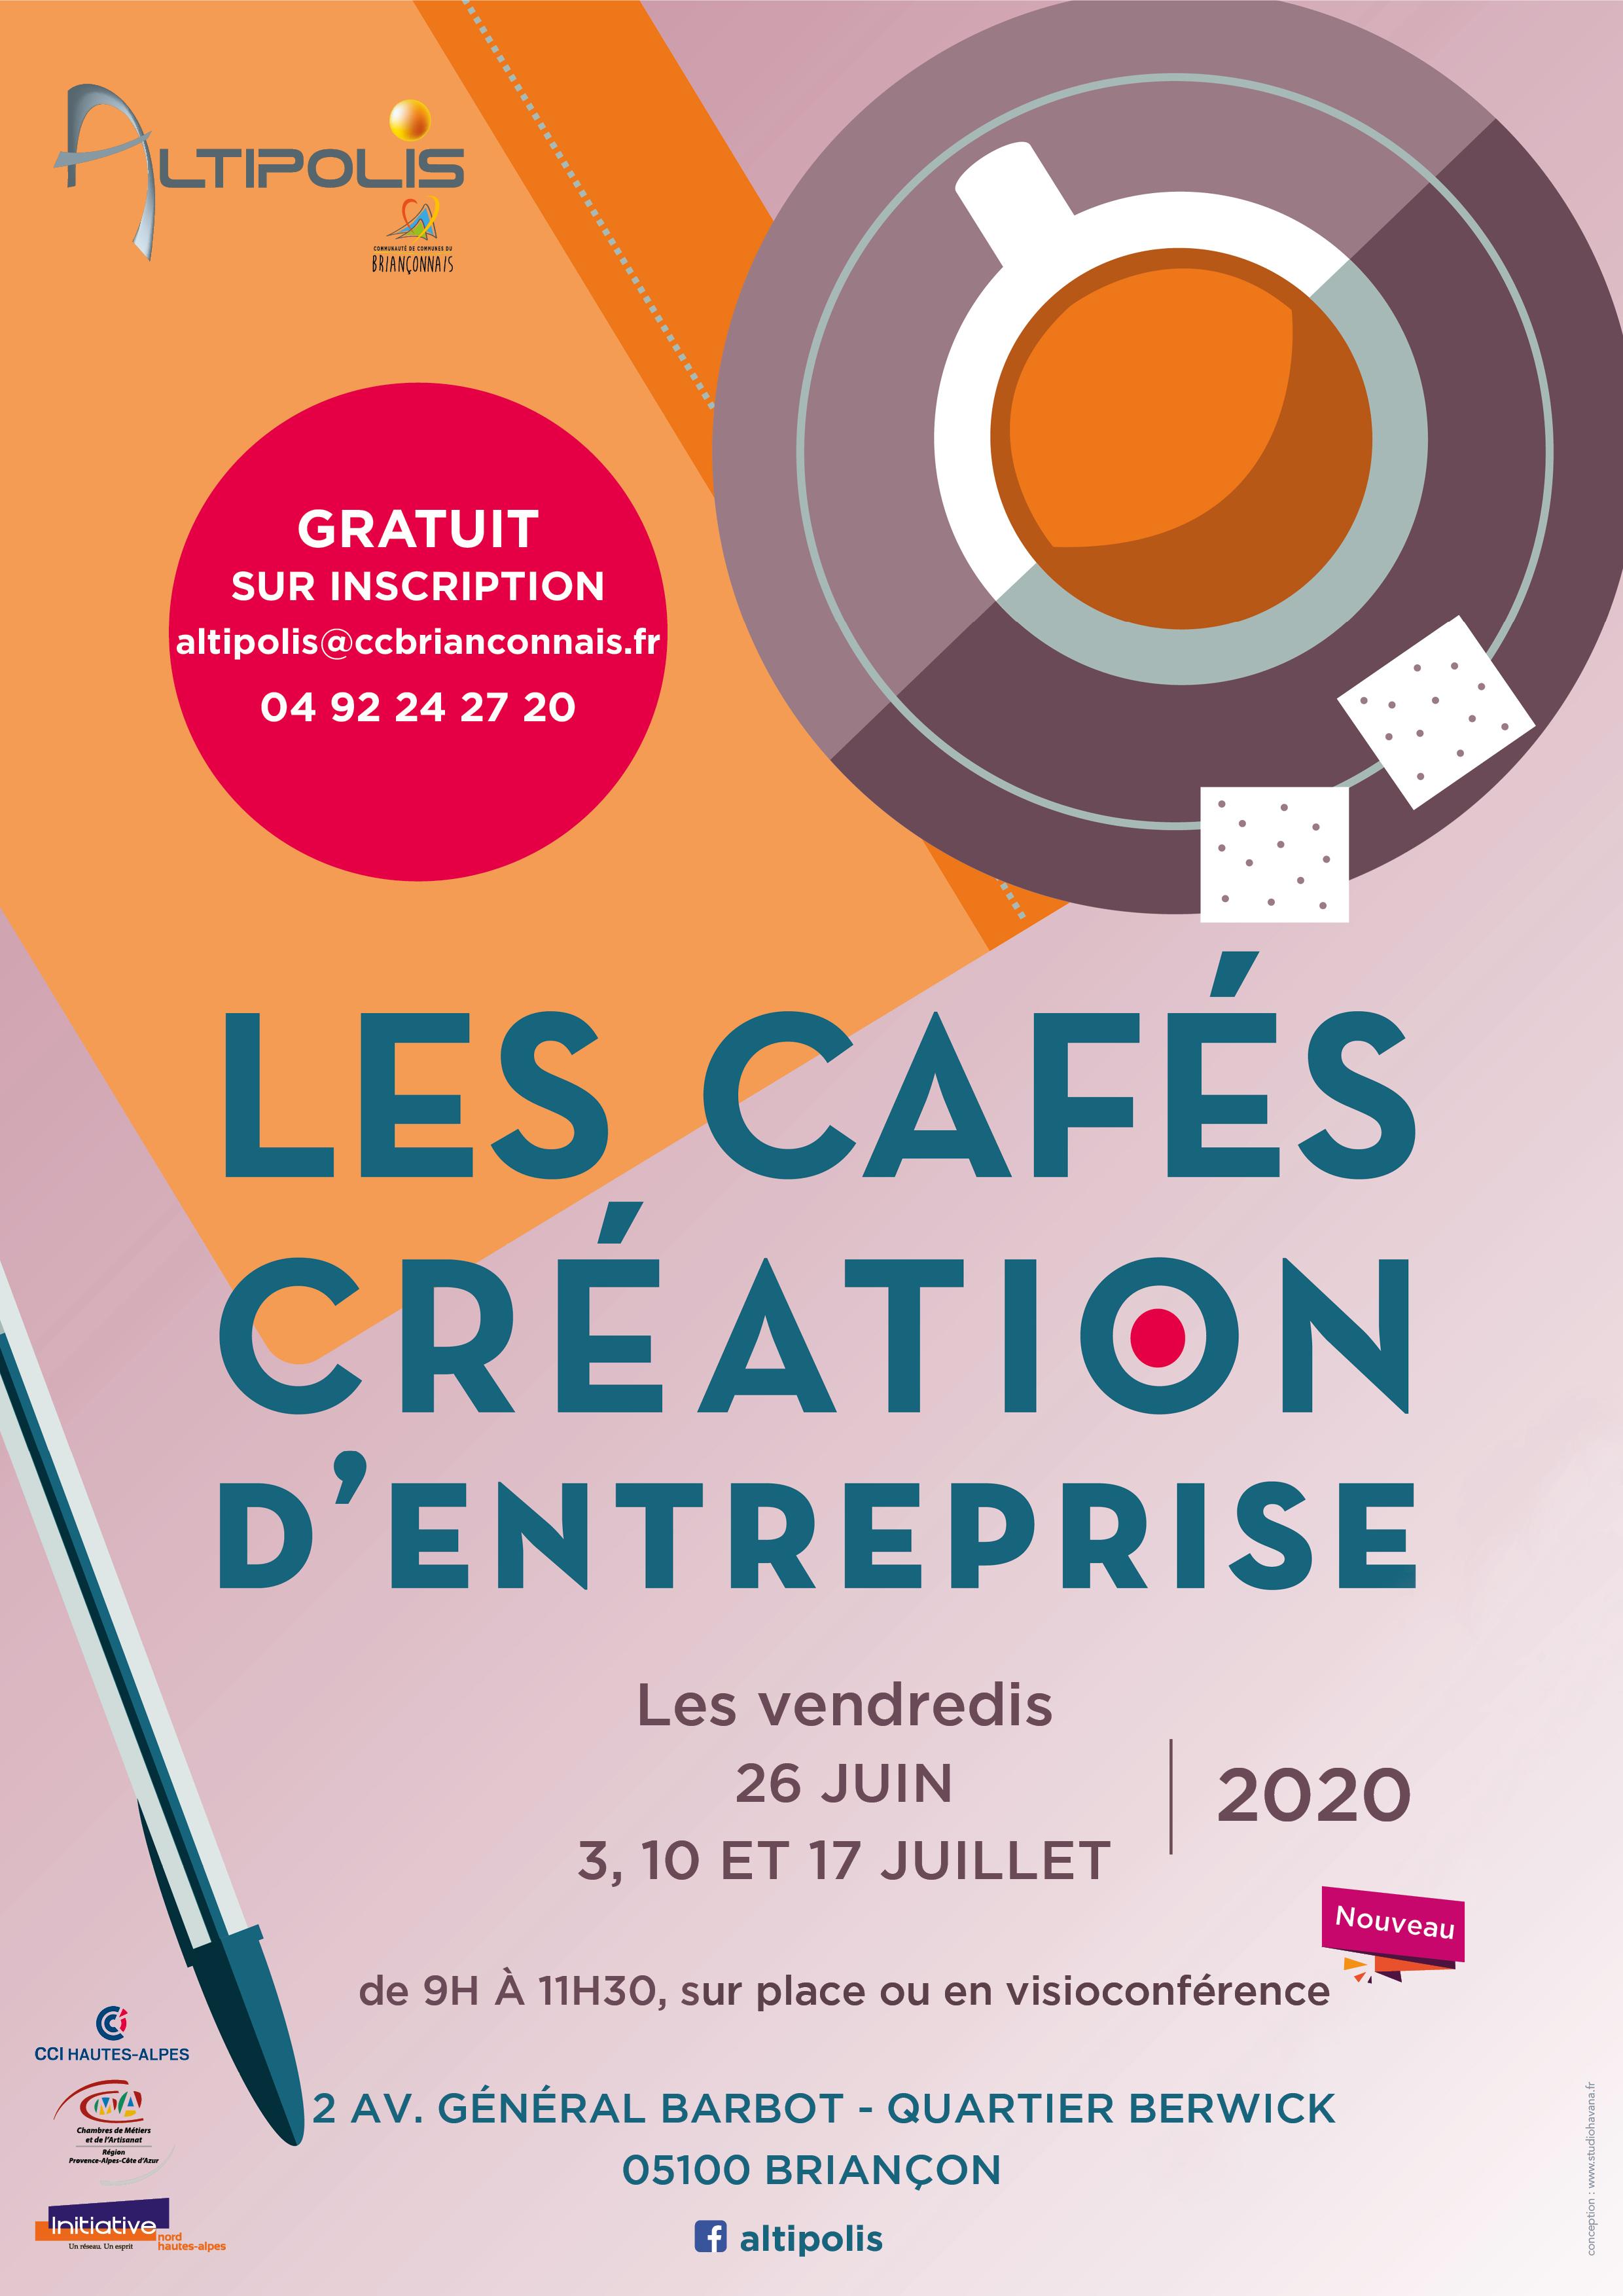 affiche_cafes_creation_juin-juillet_2020.jpg